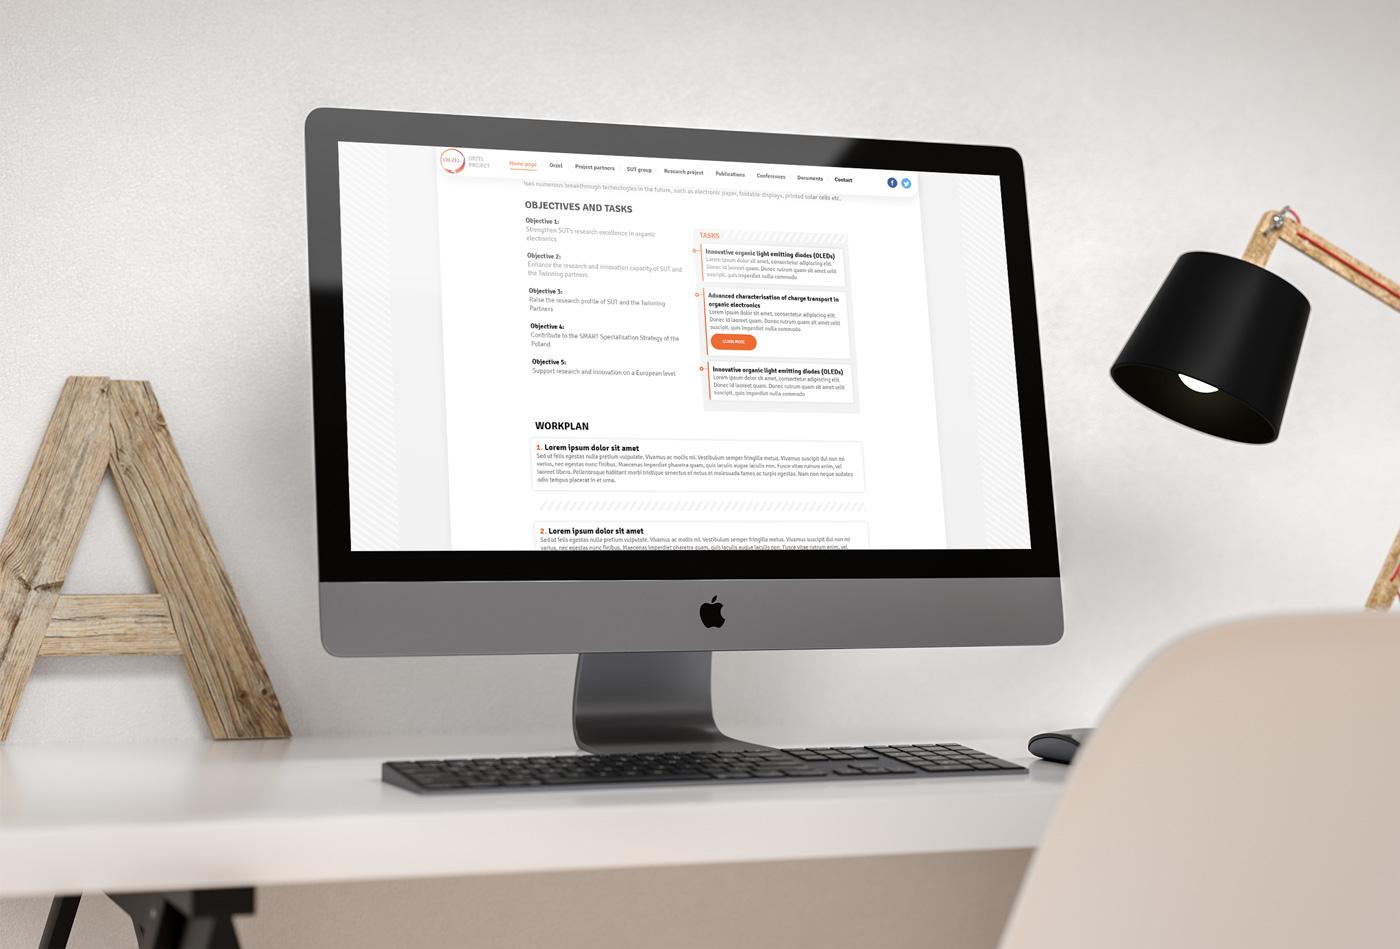 Wizualizacja strony internetowej dla ORZEL Project - naukowej strony informacyjnej